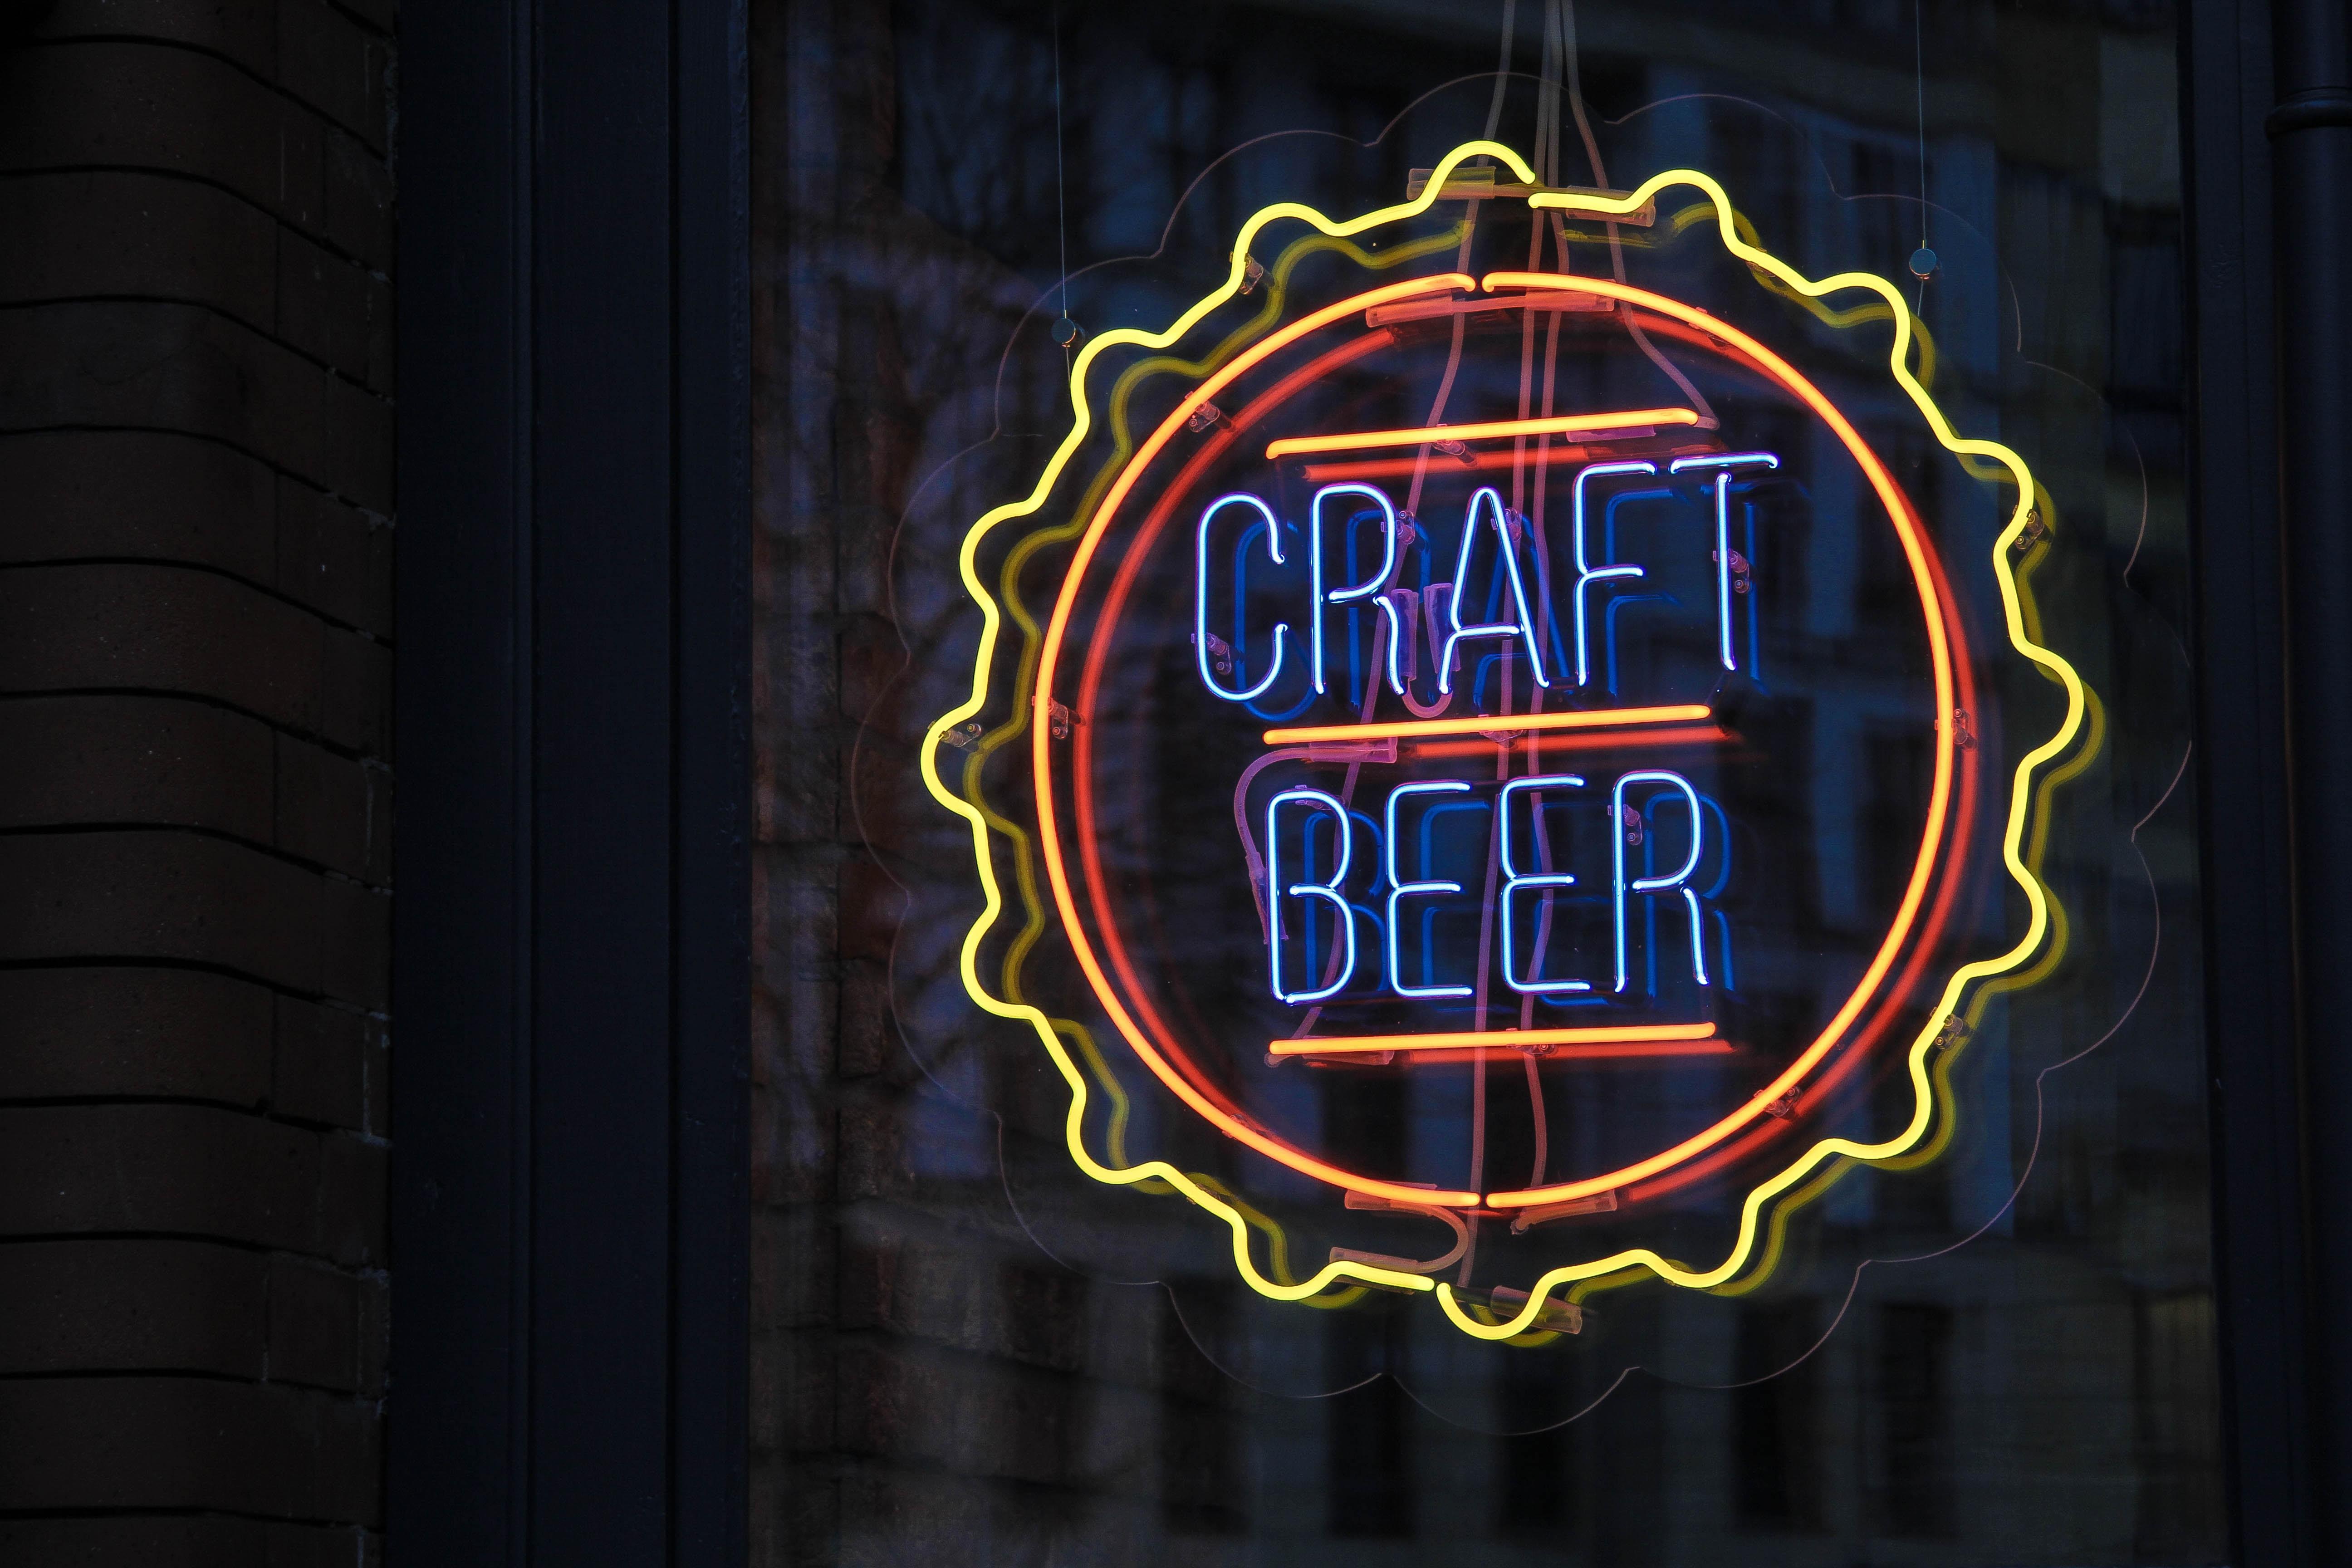 Craft beer neon sign